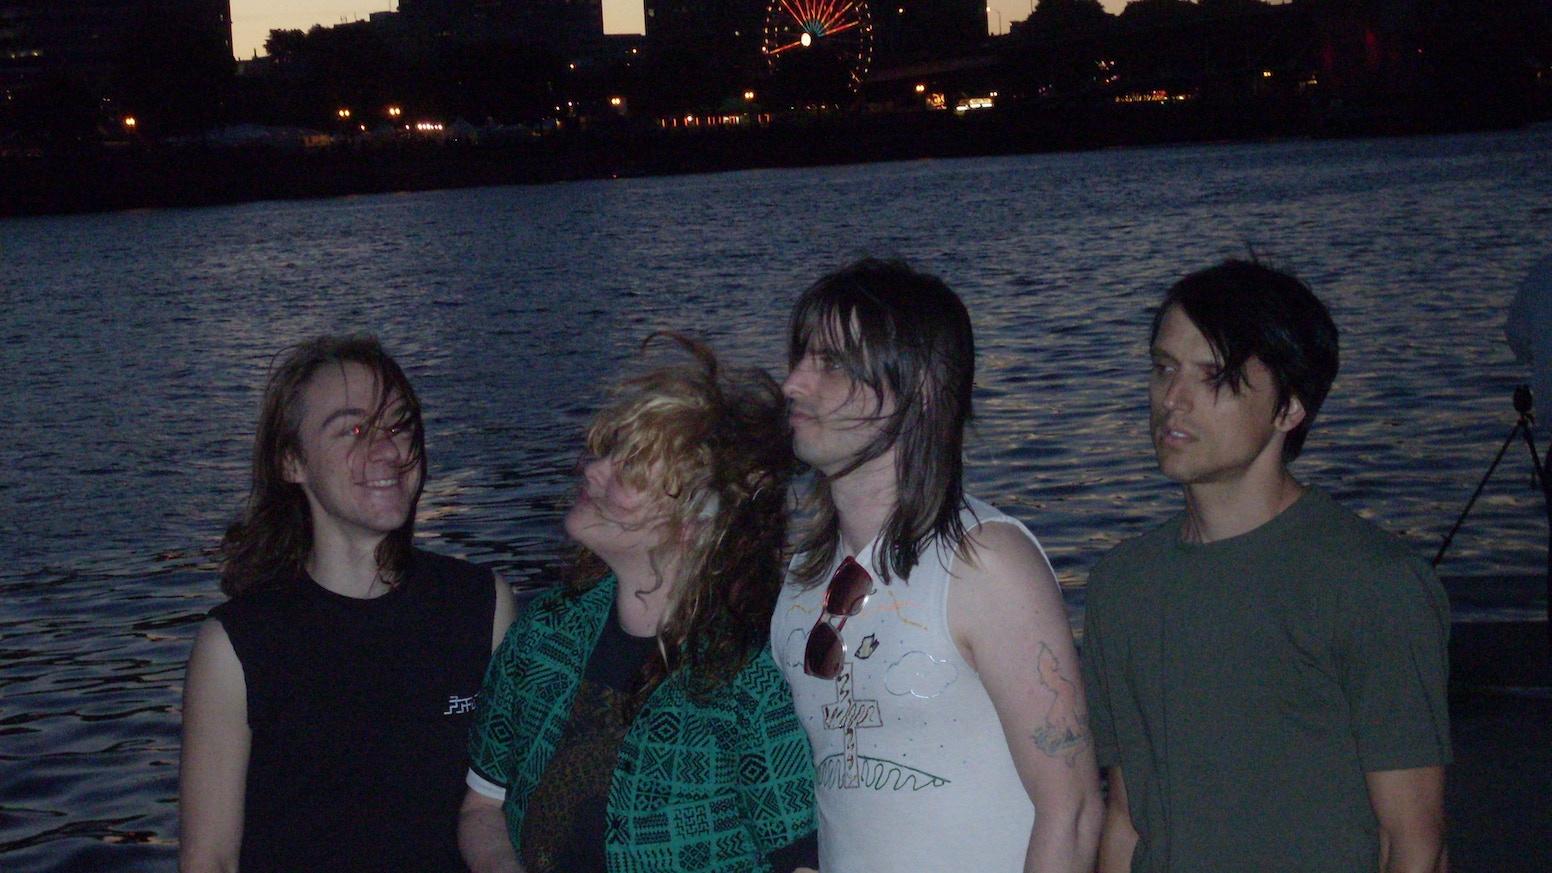 Vanishing Kids New Vinyl Album By Jason Hartman